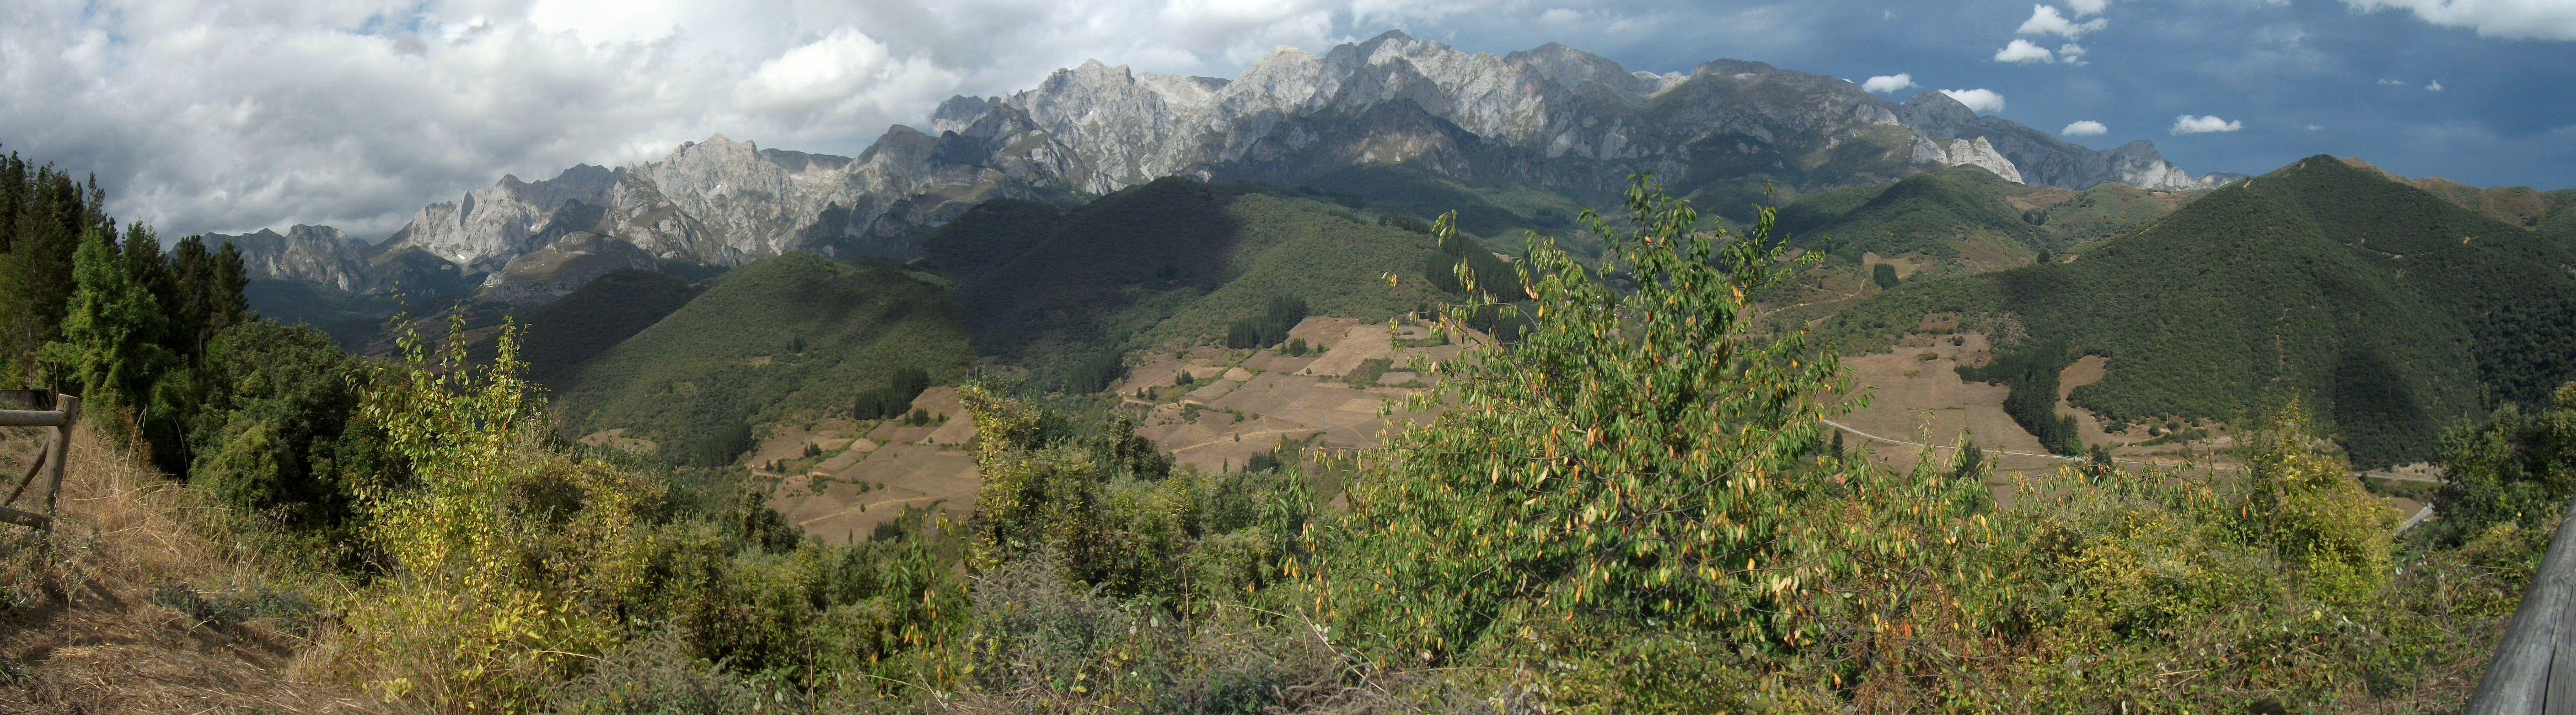 Elevation of rionansa cantabria spain maplogs - Maderas cantabria ...